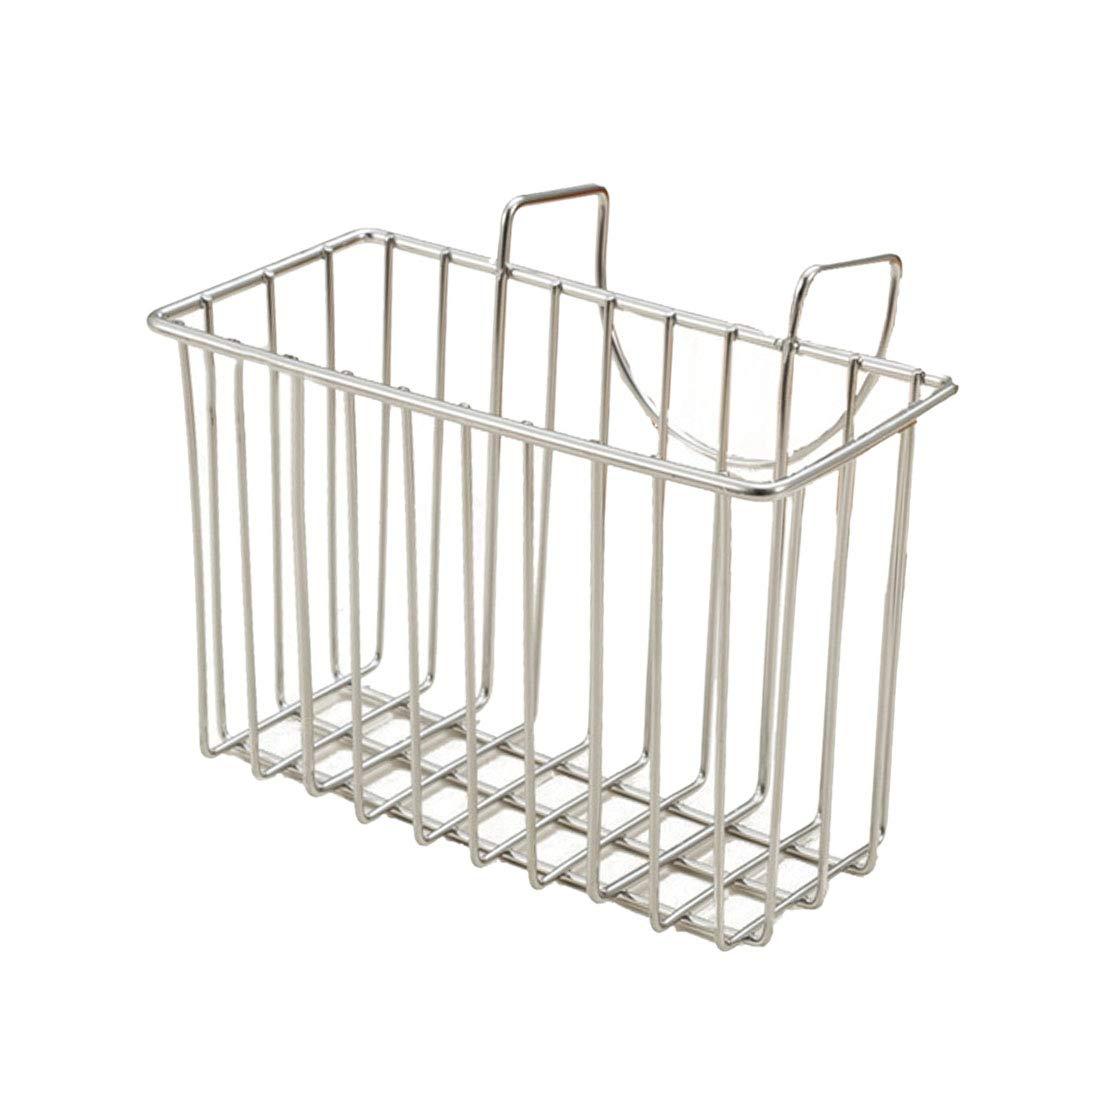 Pinji Stainless Steel Kitchen Sink Hanging Basket Draining Sponge Holder